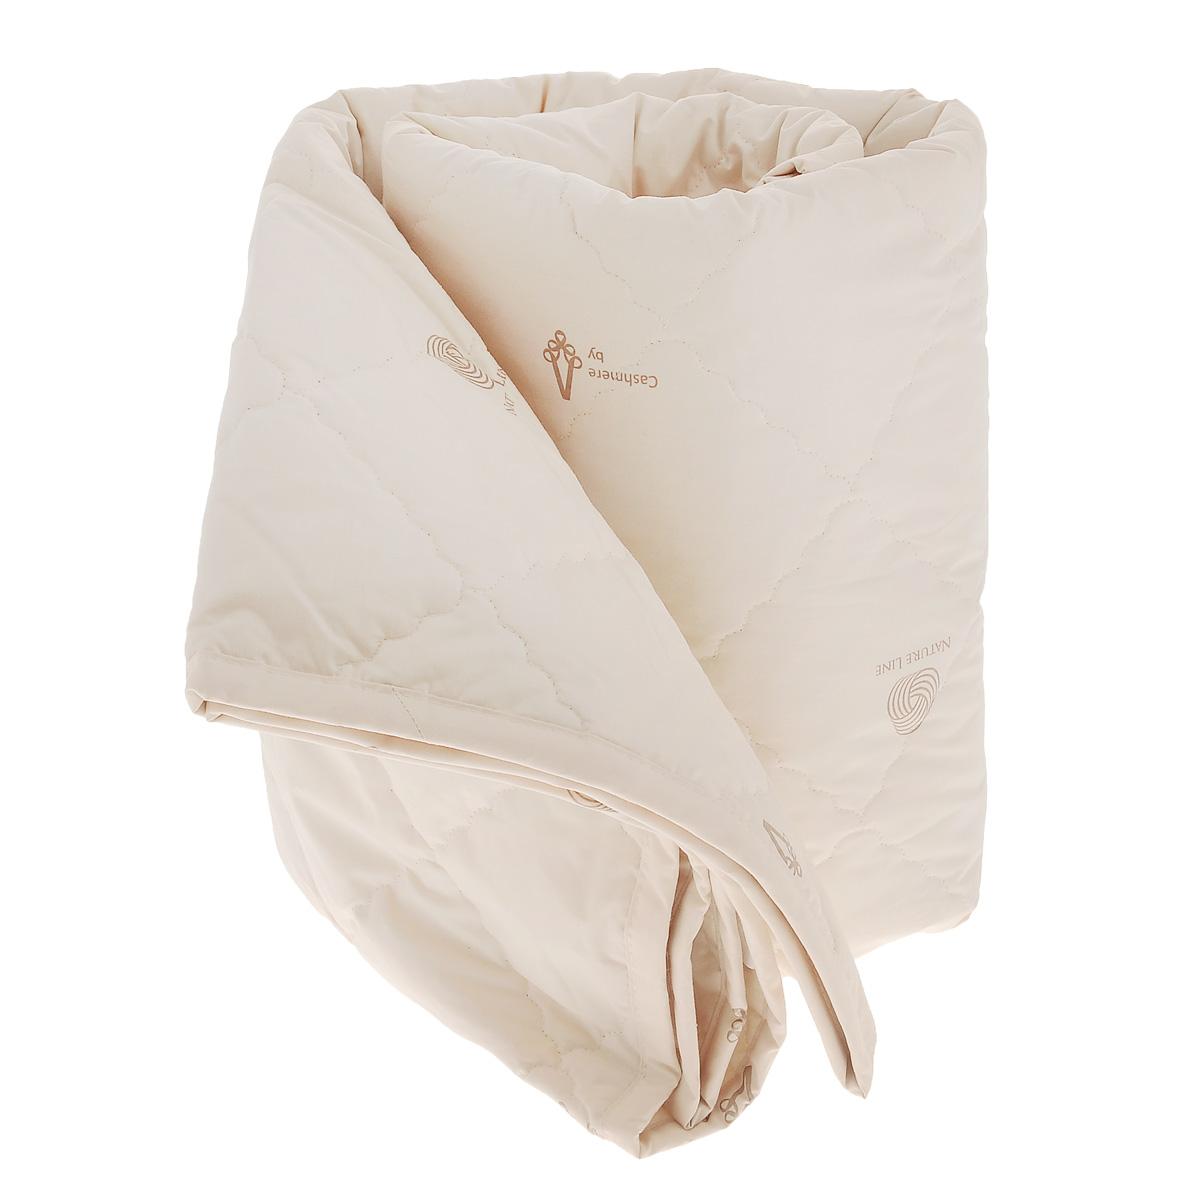 Одеяло La Prima Кашемир, наполнитель: кашемир, полиэфирное волокно, цвет: светло-бежевый, 170 см х 205 см10503Одеяло La Prima Кашемир очень легкое, воздушное и одновременно теплое. Чехол одеяла выполнен из 100% хлопка. Наполнитель - из натуральной шерсти кашемирской козы. Одеяла с наполнителем из кашемира очень высоко ценят во всем мире. Изделие обладает высокой воздухопроницаемостью, прекрасно сохраняет тепло и снимает статистическое электричество. Оно гипоаллергенно, очень практично и неприхотливо в уходе. Благоприятно воздействует на мышцы и суставы, создавая эффект микромассажа, обеспечивает здоровый и глубокий сон. Ручная стирка при температуре 30°С. Материал чехла: 100% хлопок.Наполнитель: кашемир, полиэфирное волокно. Размер: 170 см х 205 см.